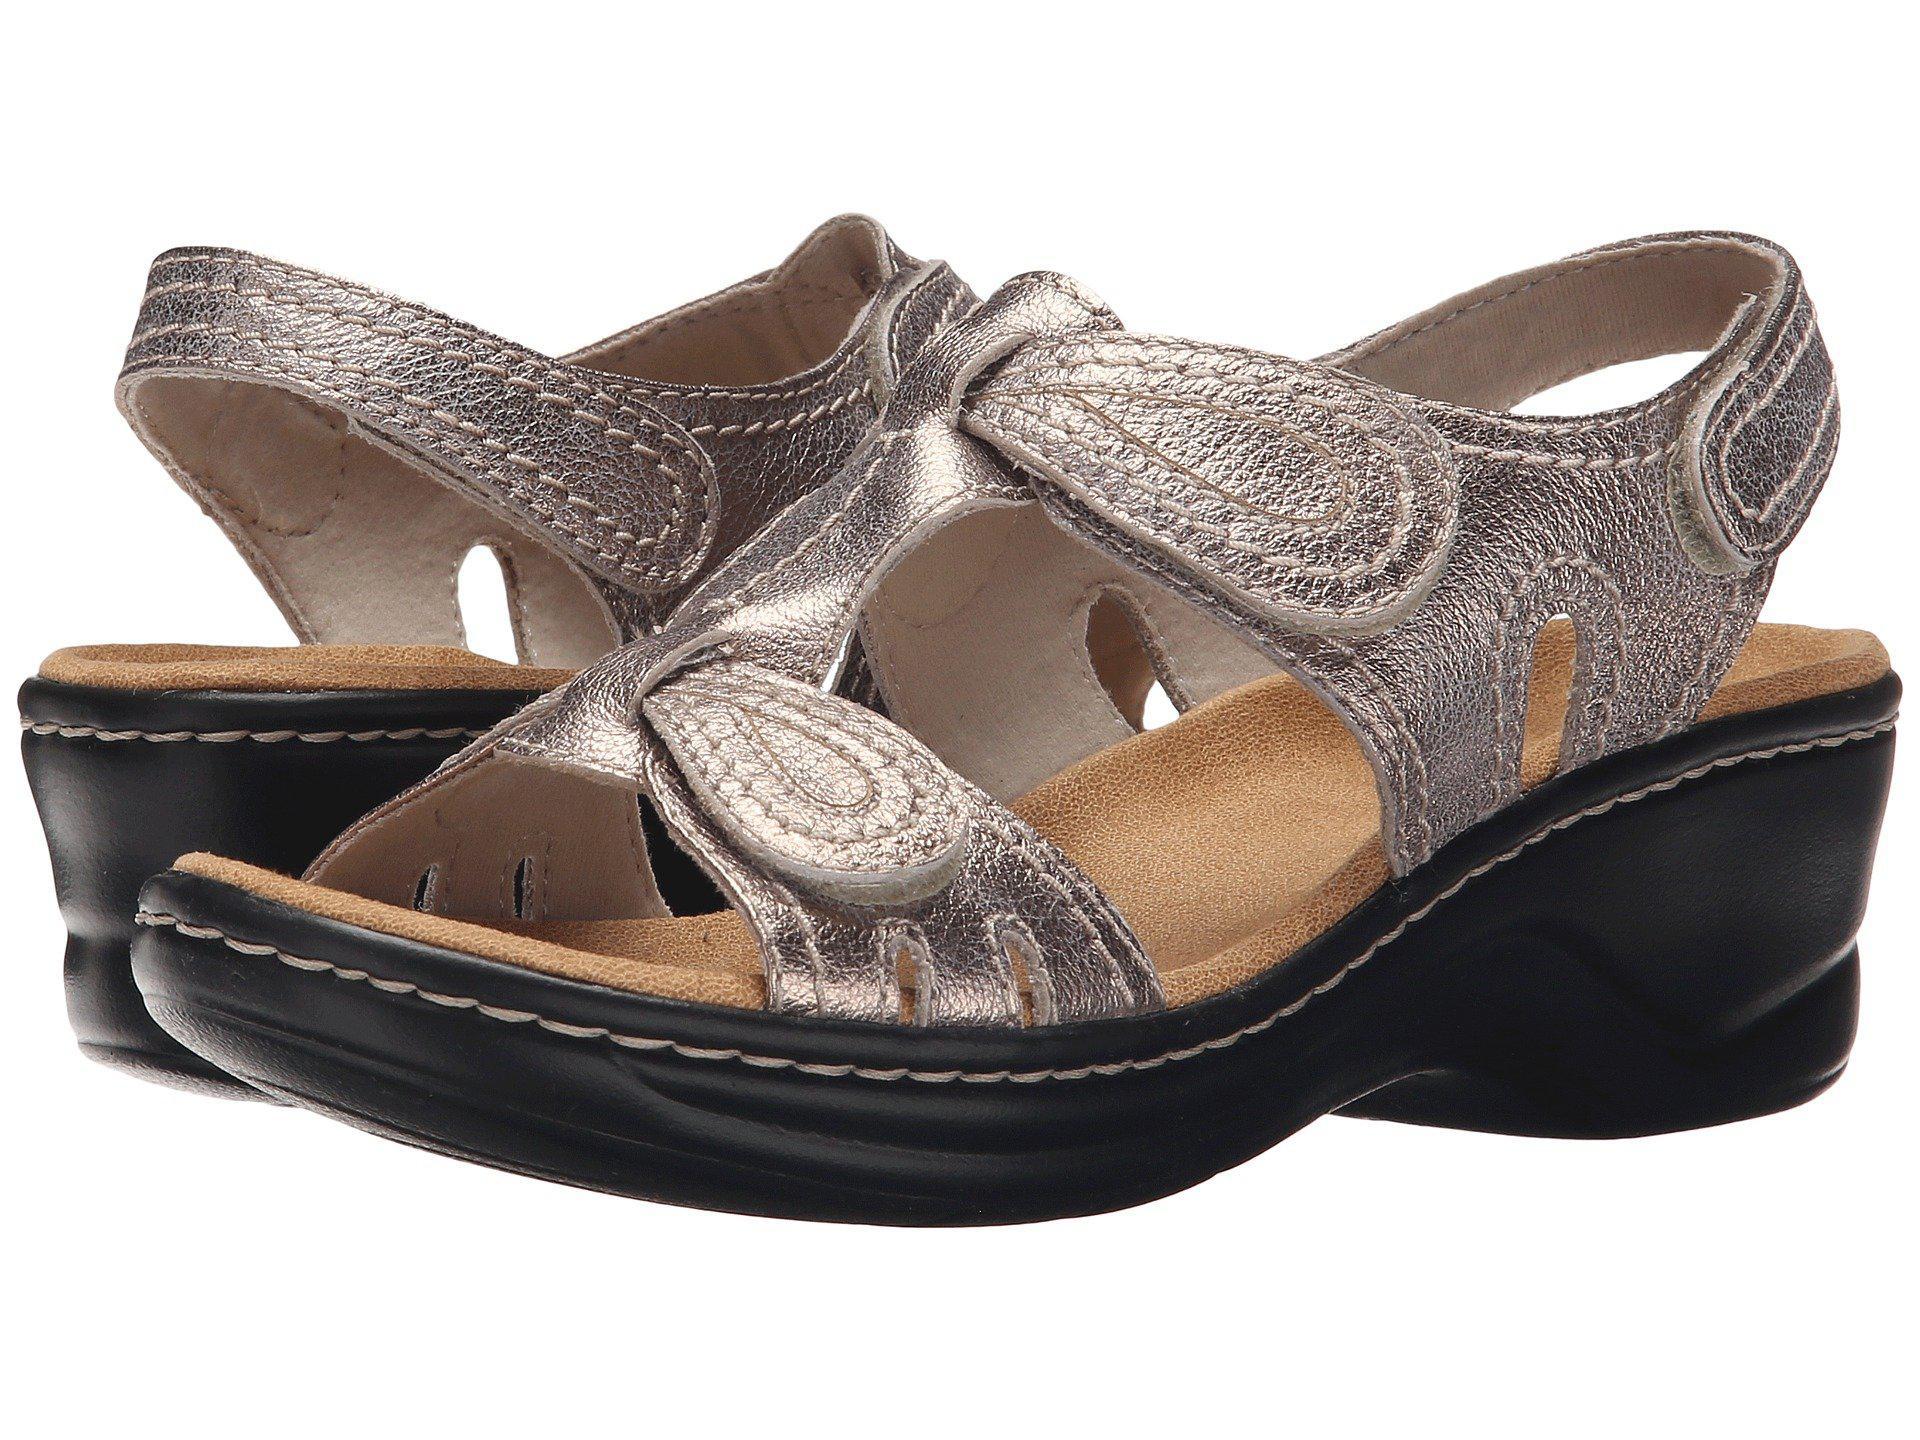 Clarks Lexi Walnut Sandal (Women's) mbp4snHt3